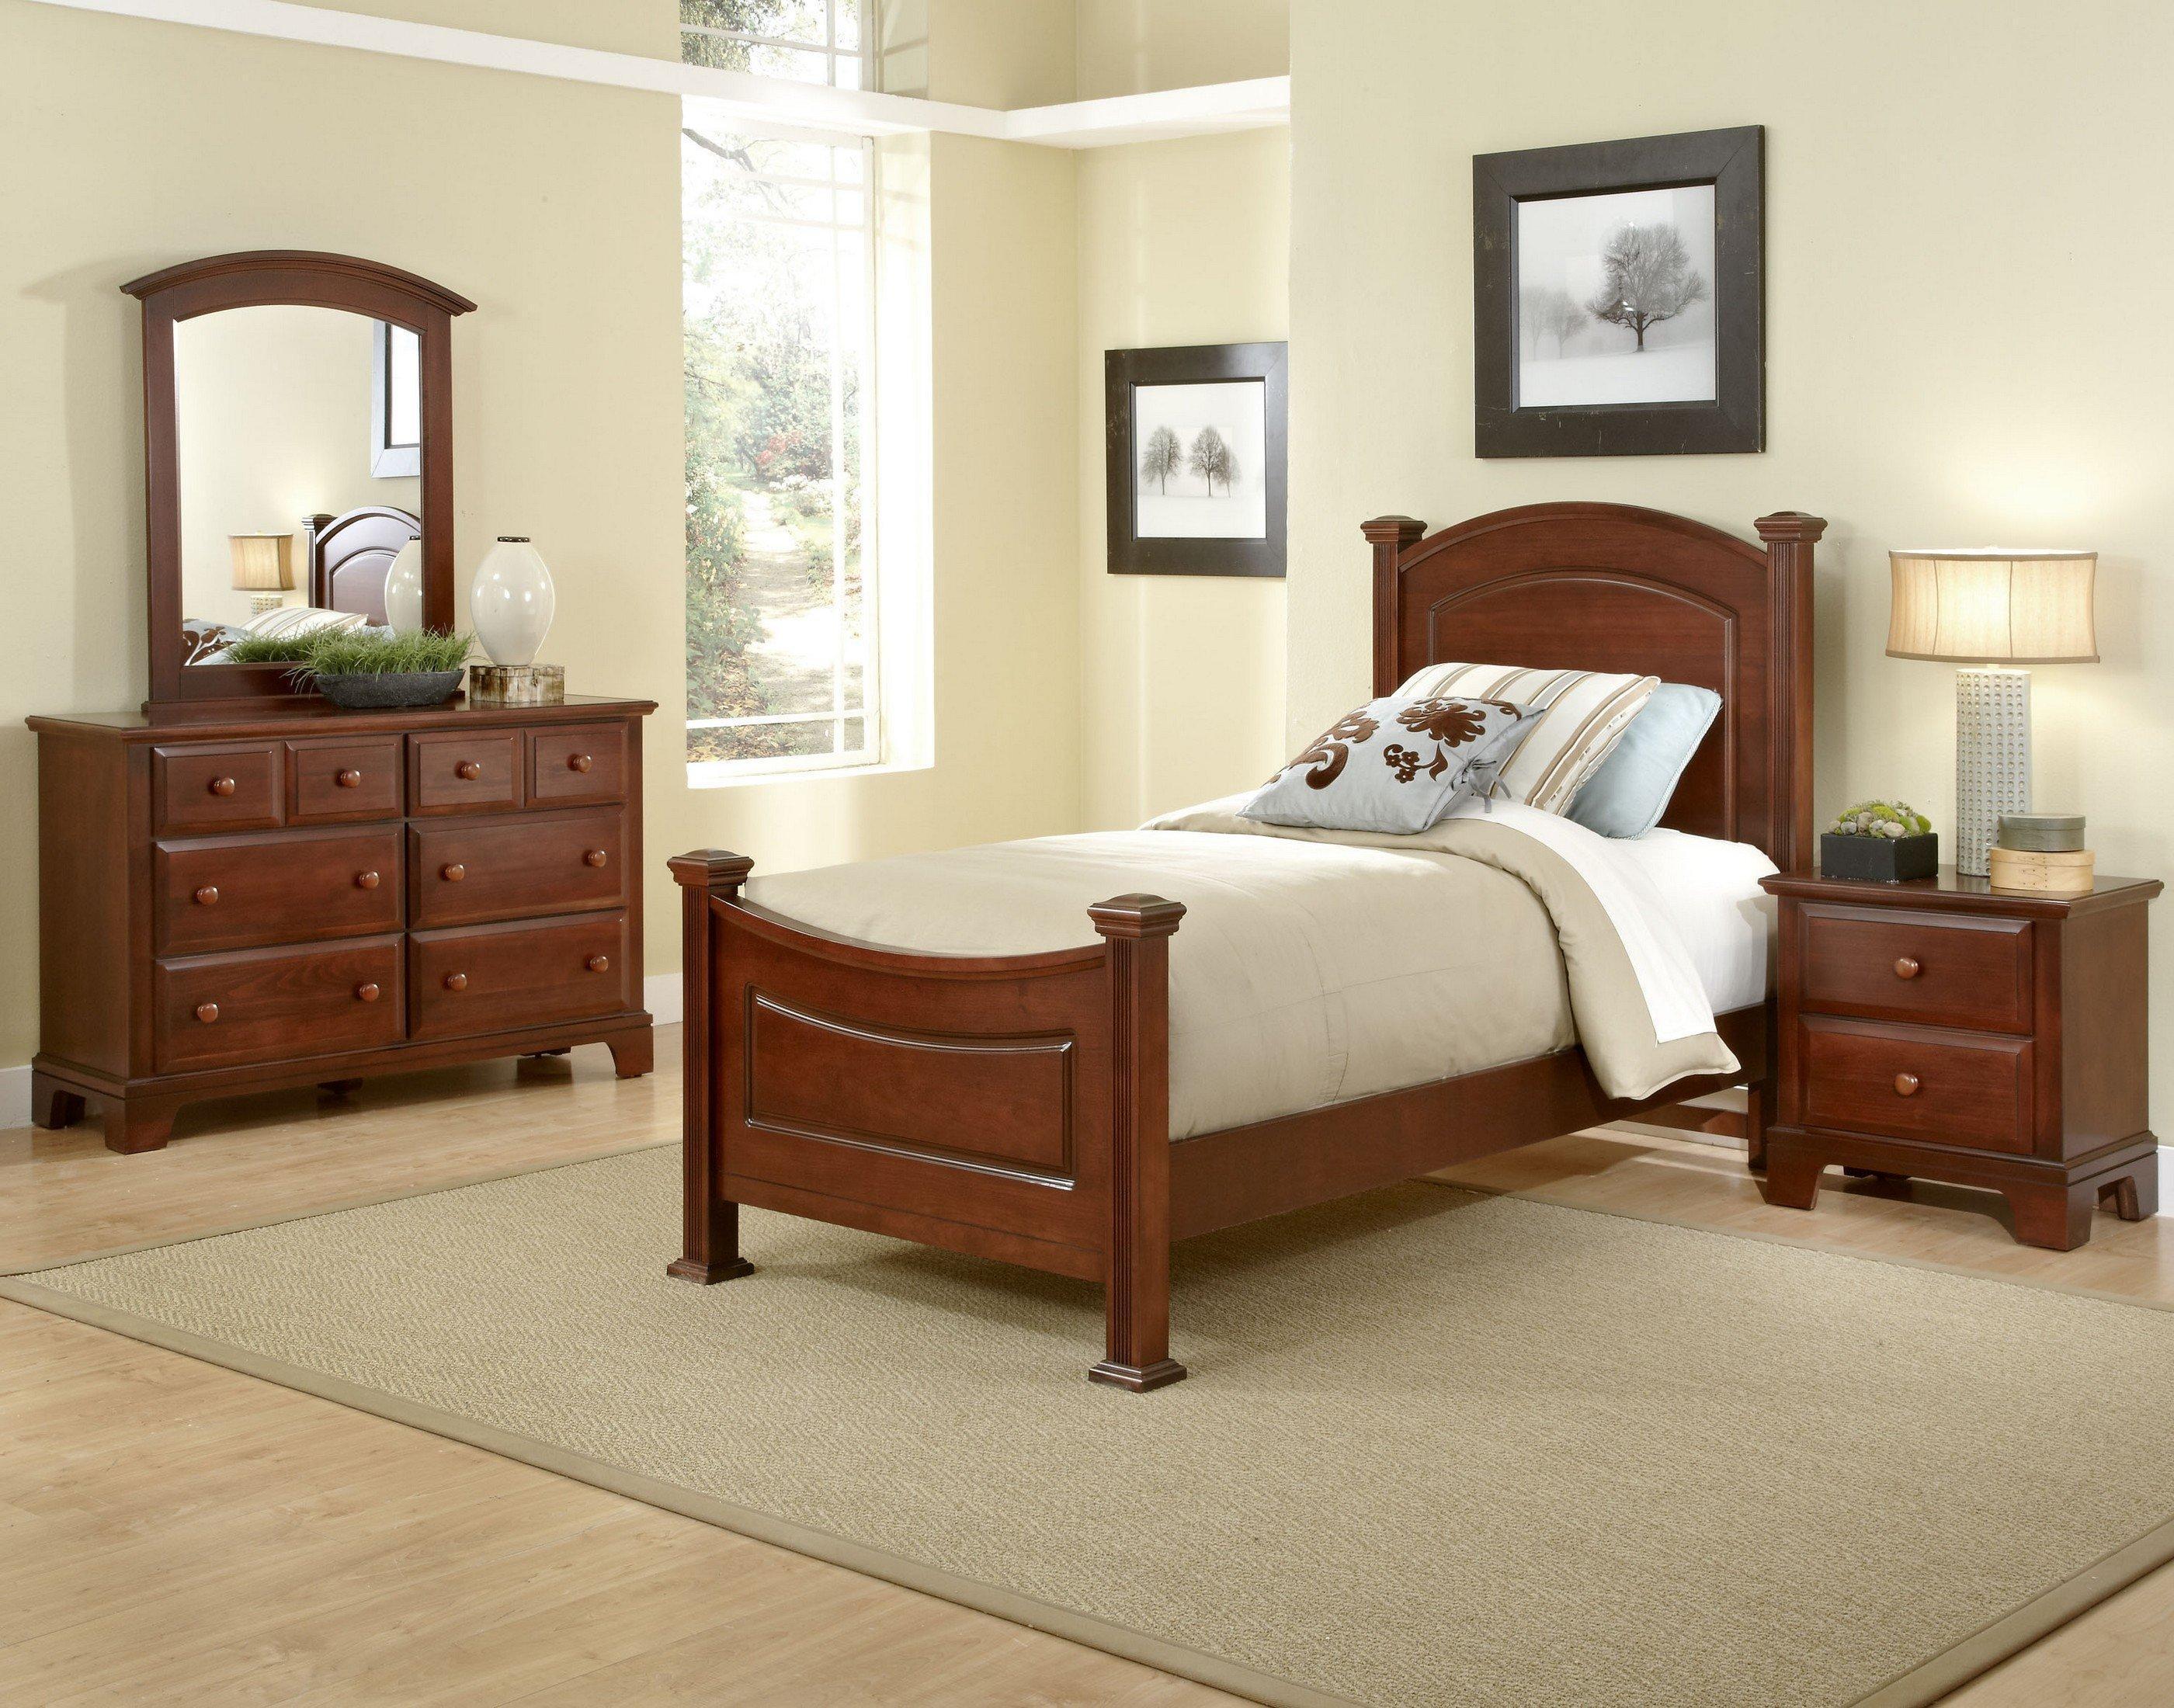 vaughan bassett hamilton franklin twin bedroom group olinde 39 s furniture bedroom groups. Black Bedroom Furniture Sets. Home Design Ideas